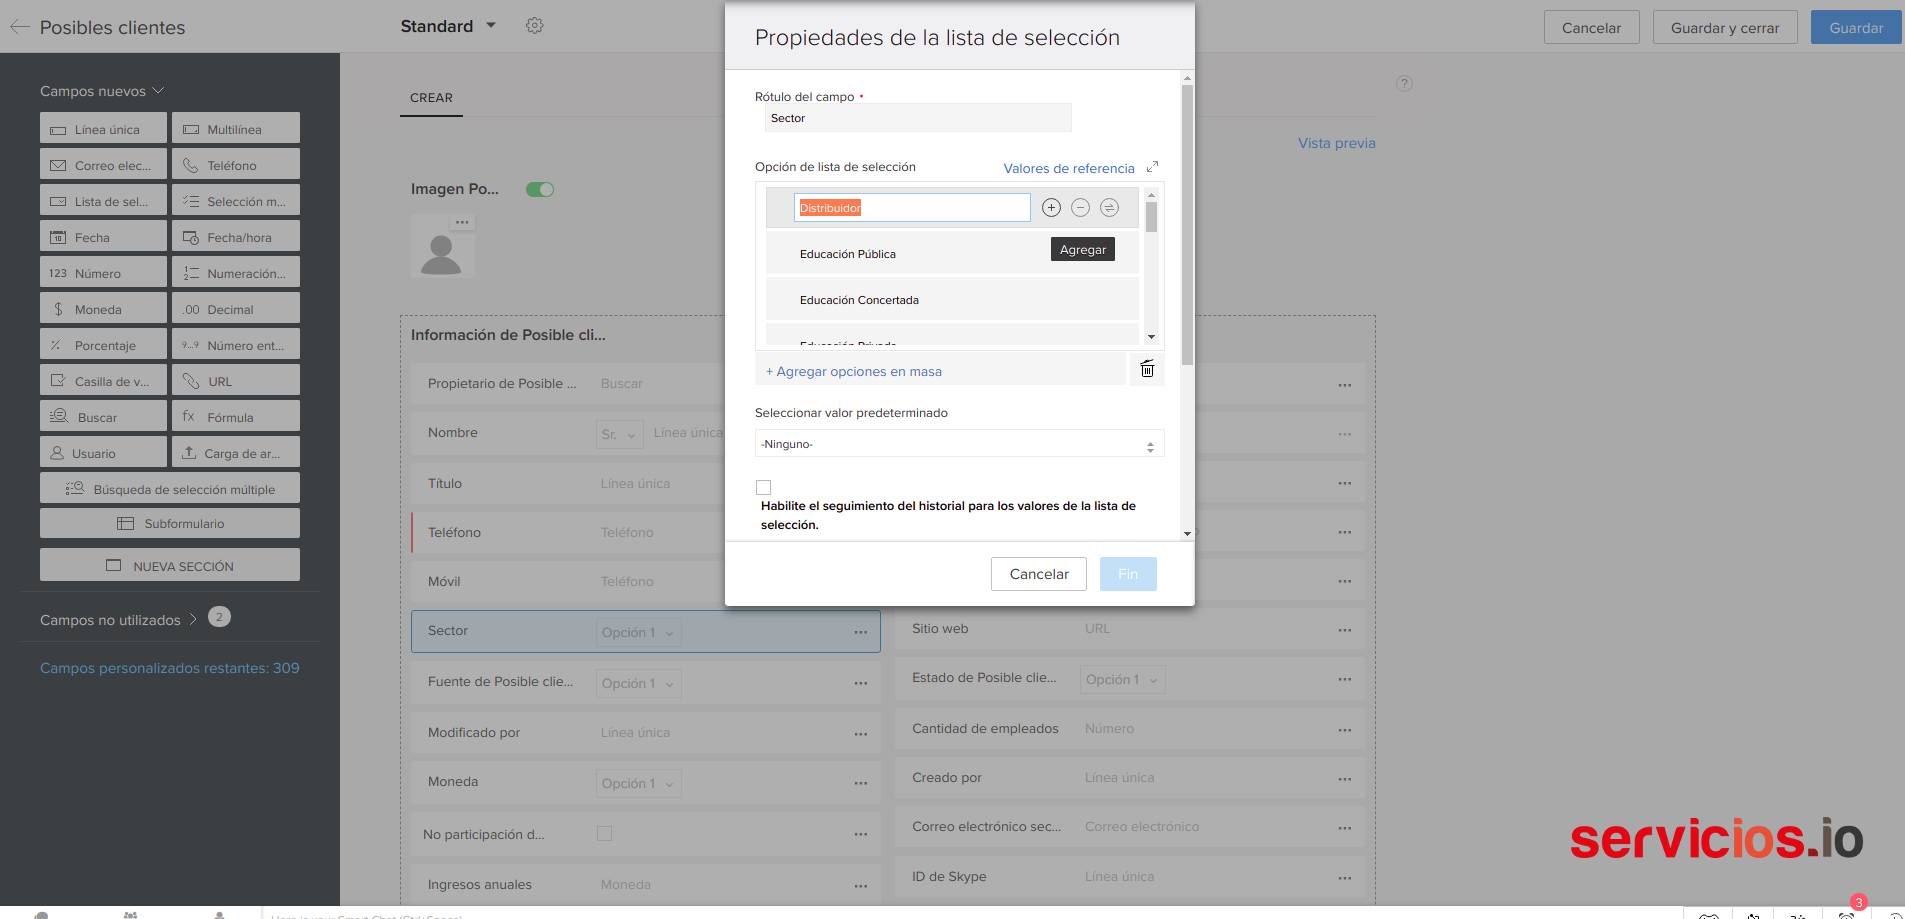 Zoho-CRM-Configuracion-Modulos-y-campos-crear-editar-campos-propiedades-lista-seleccion-sectores